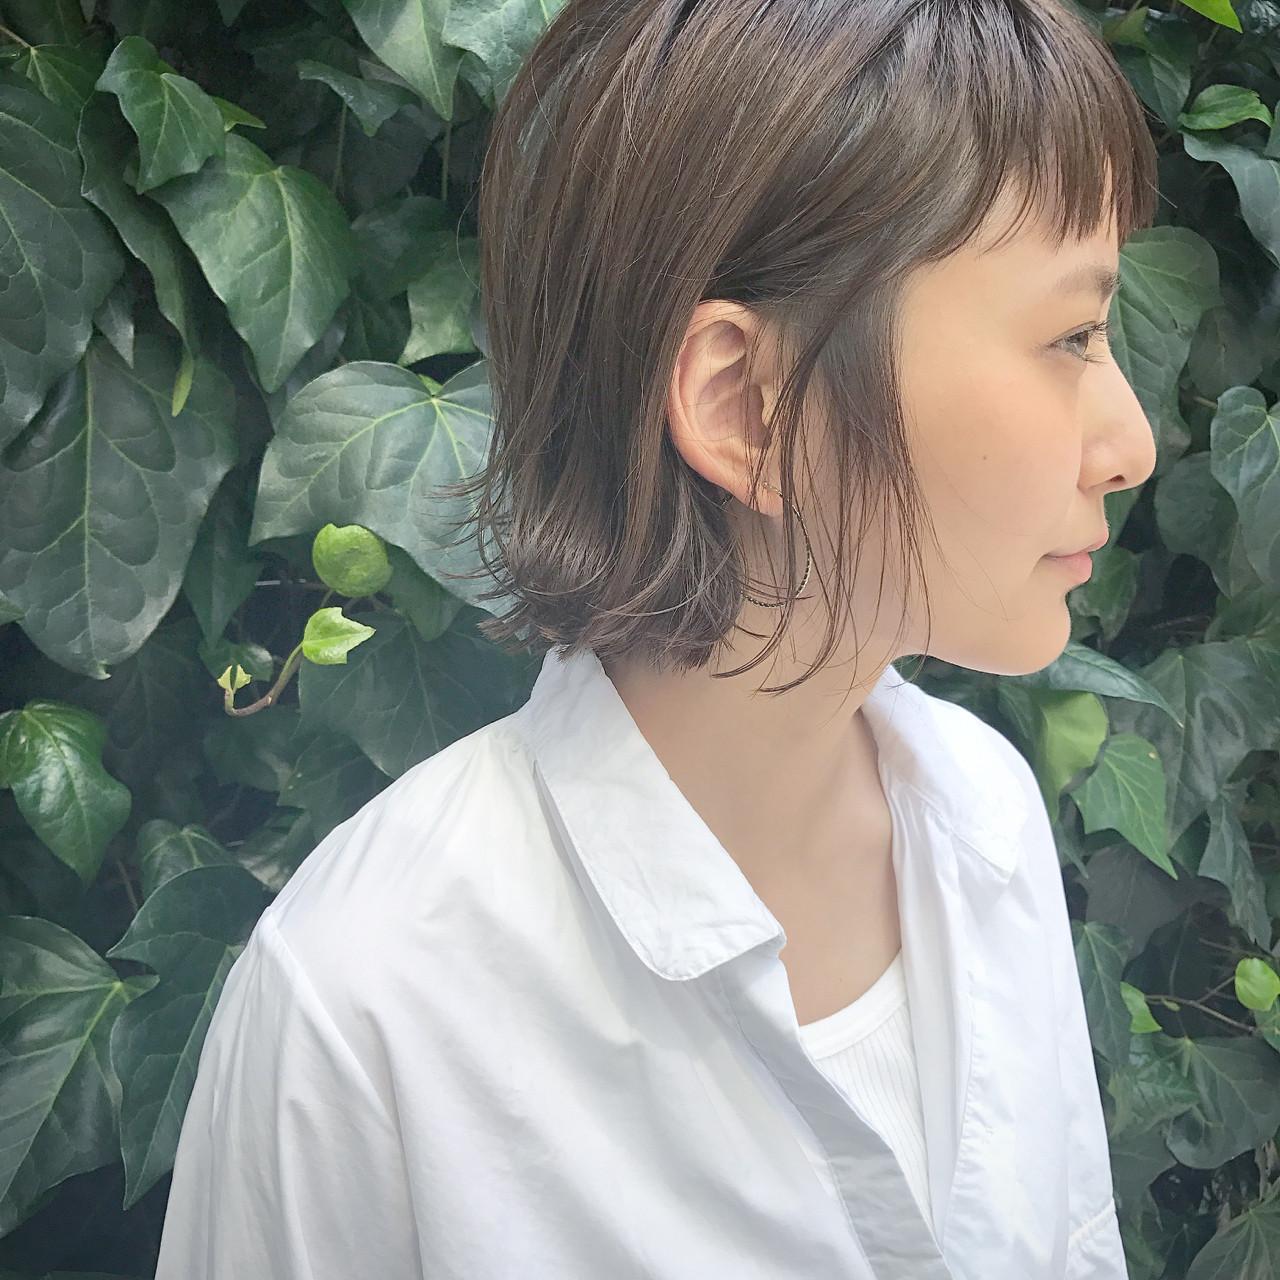 オン眉 大人かわいい 大人女子 ナチュラル ヘアスタイルや髪型の写真・画像